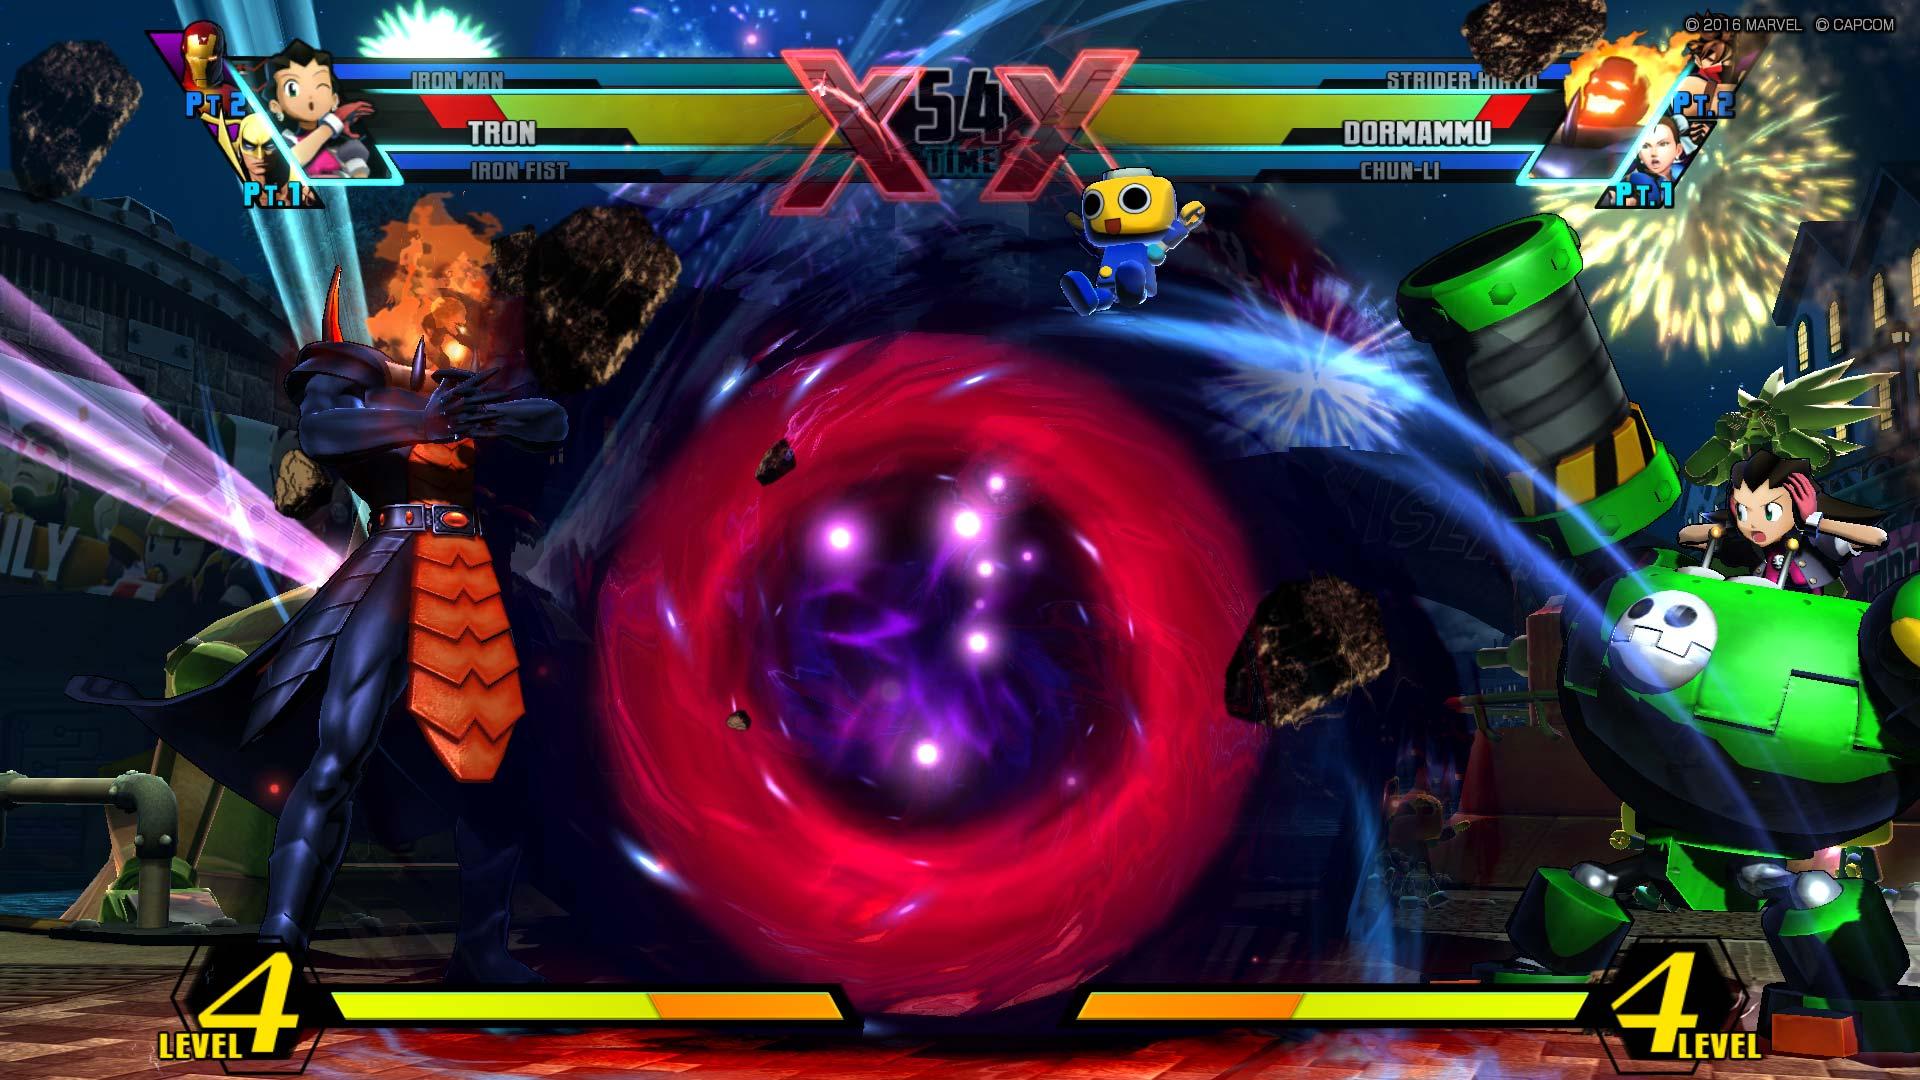 Ultimate Marvel vs Capcom 3 -Dormammu vs Tron